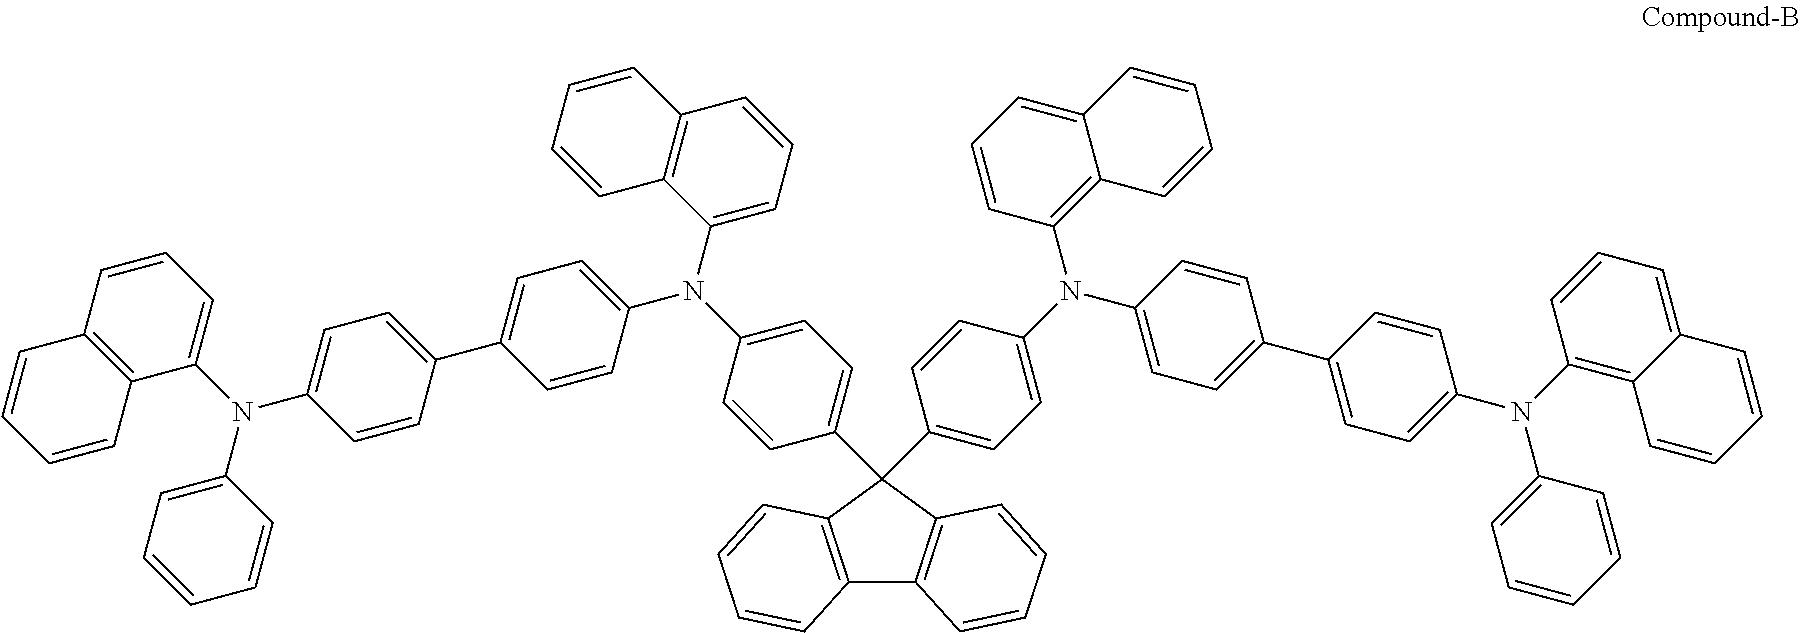 Figure US20180114926A1-20180426-C00008